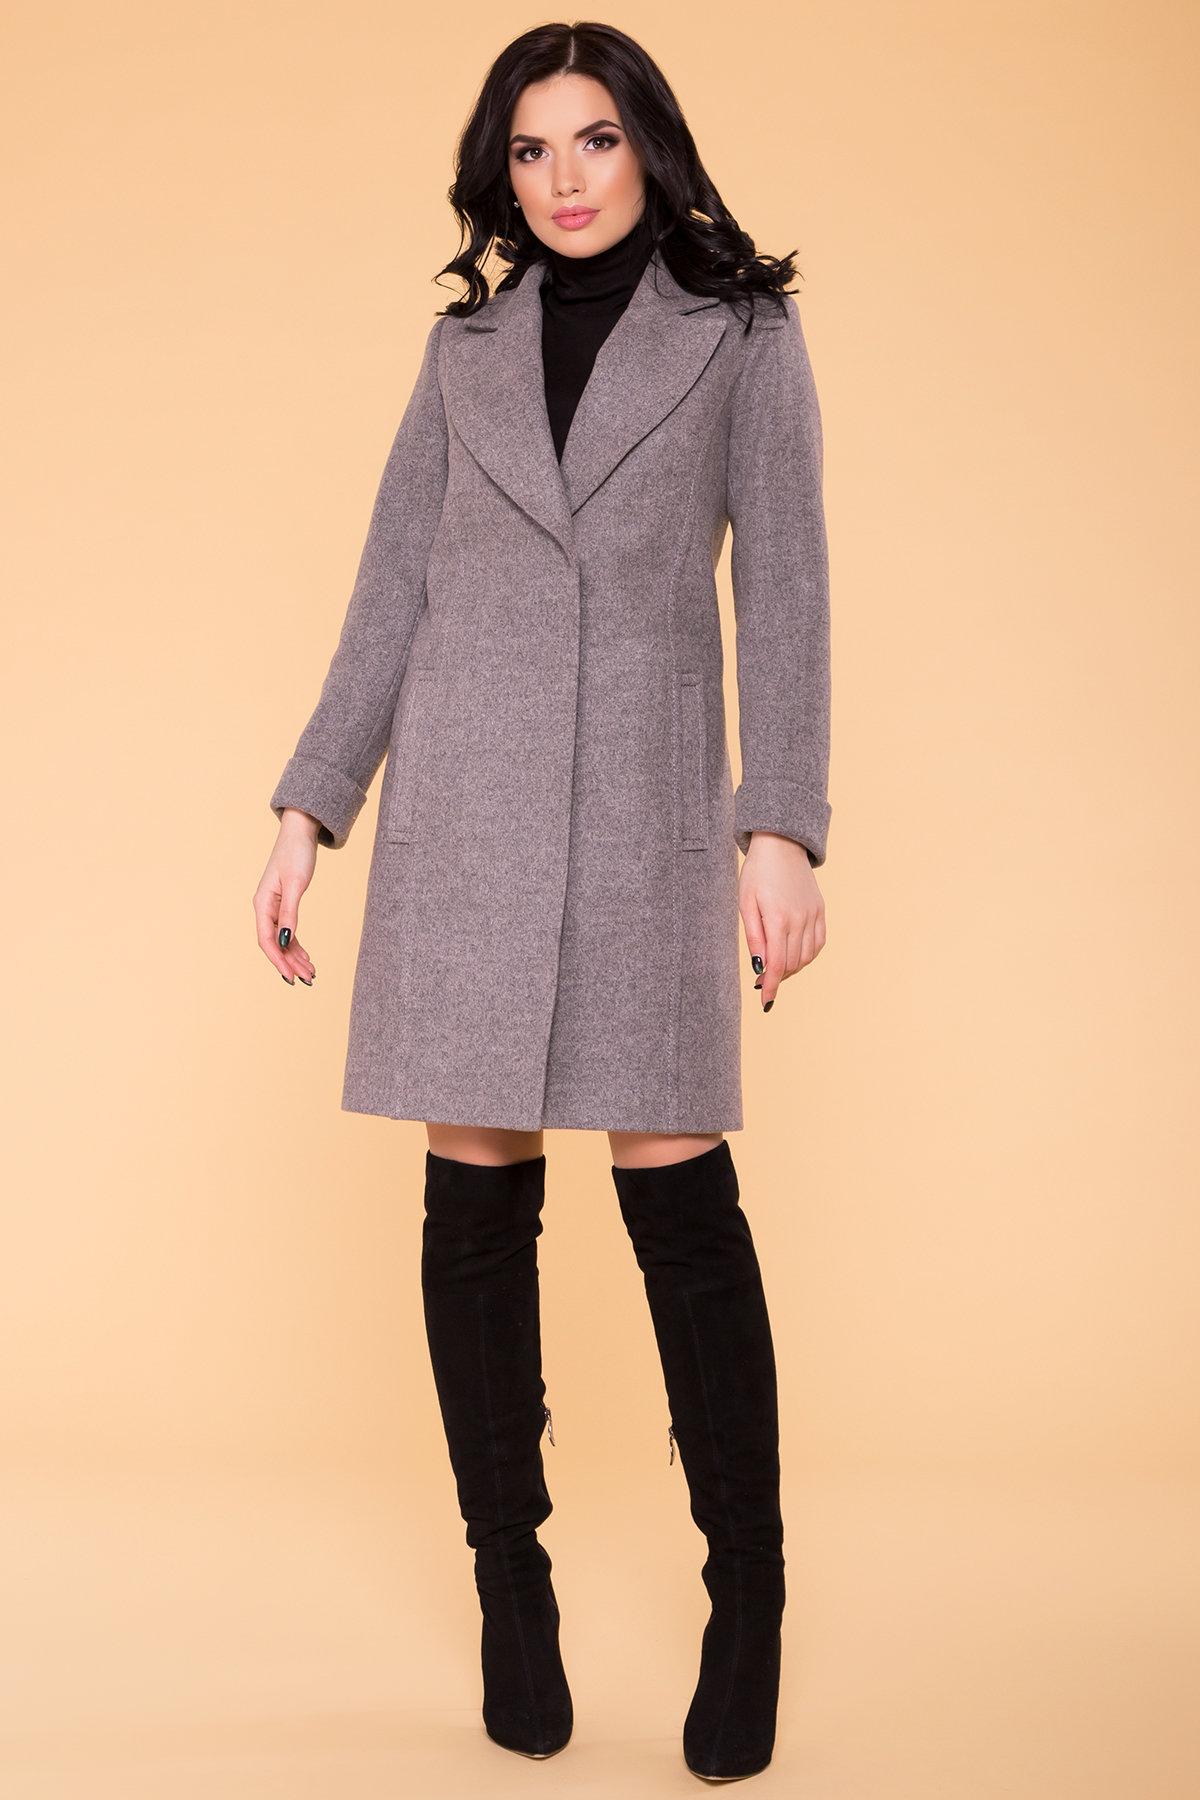 Пальто Лесли 6295 АРТ. 41118 Цвет: Карамель 20/1 - фото 4, интернет магазин tm-modus.ru